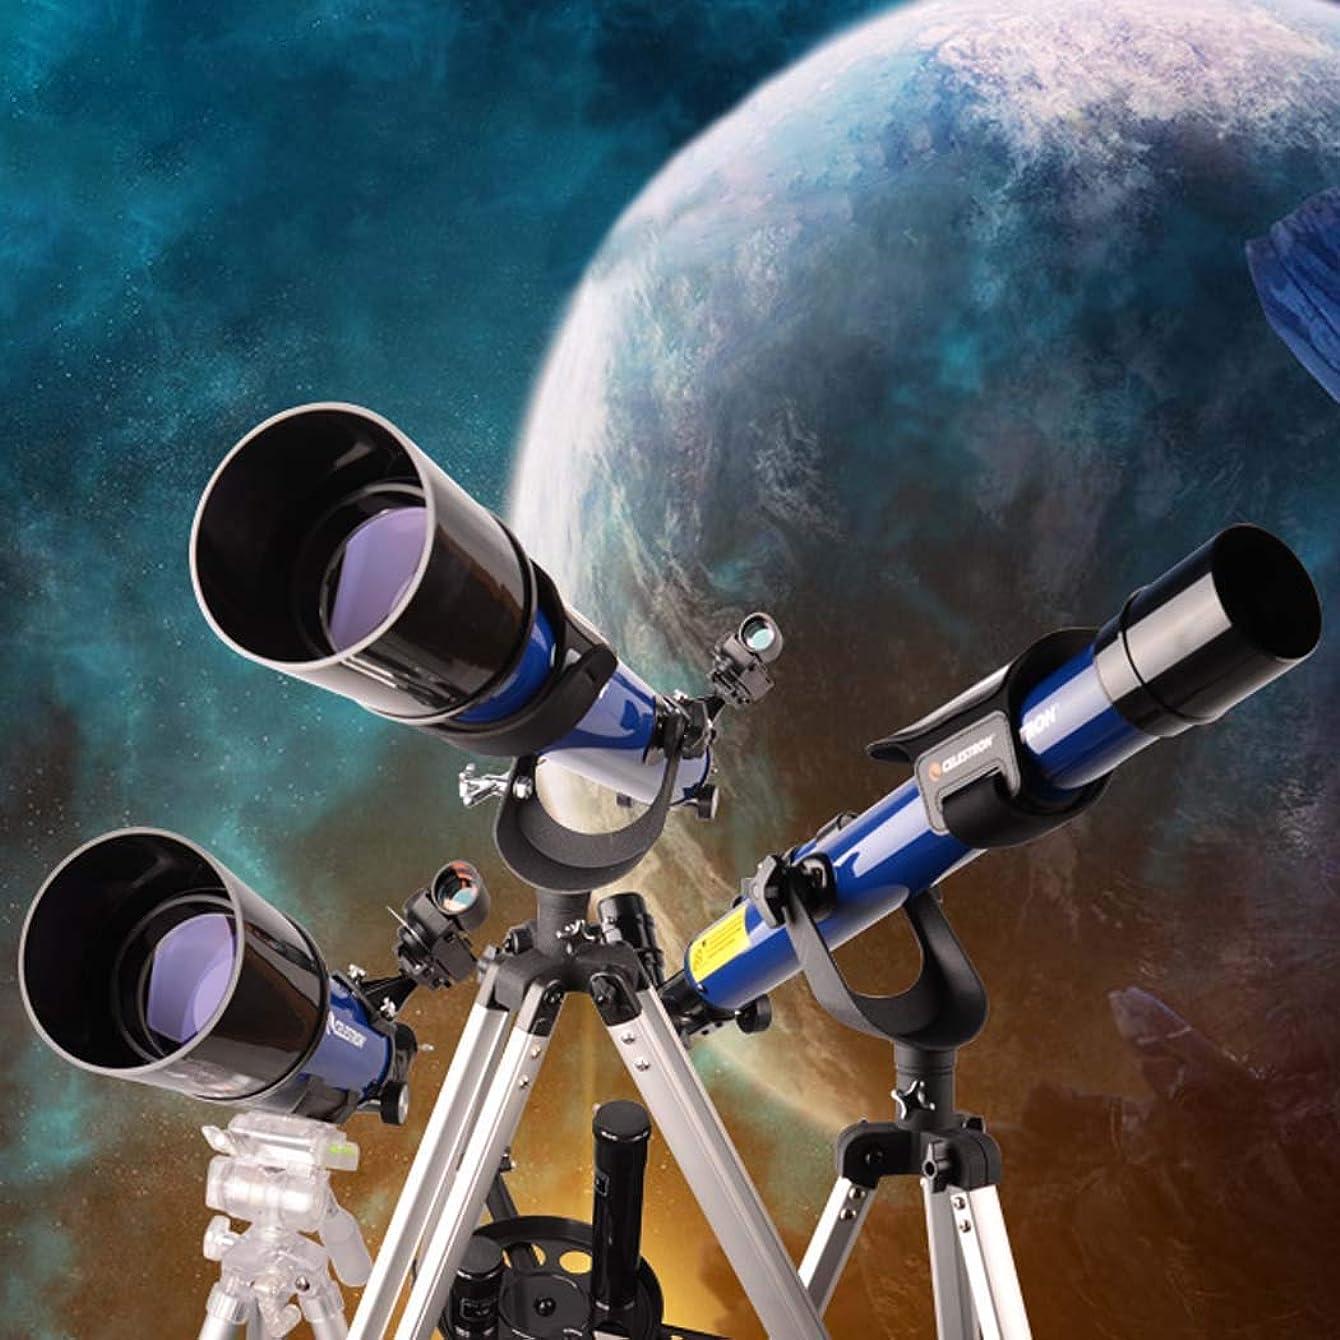 甘い最少アーティキュレーションホームアクセサリー天体望遠鏡+単眼トラベルスコープ子供用天体屈折望遠鏡大人初心者用全面コーティング焦点距離700mm三脚付き